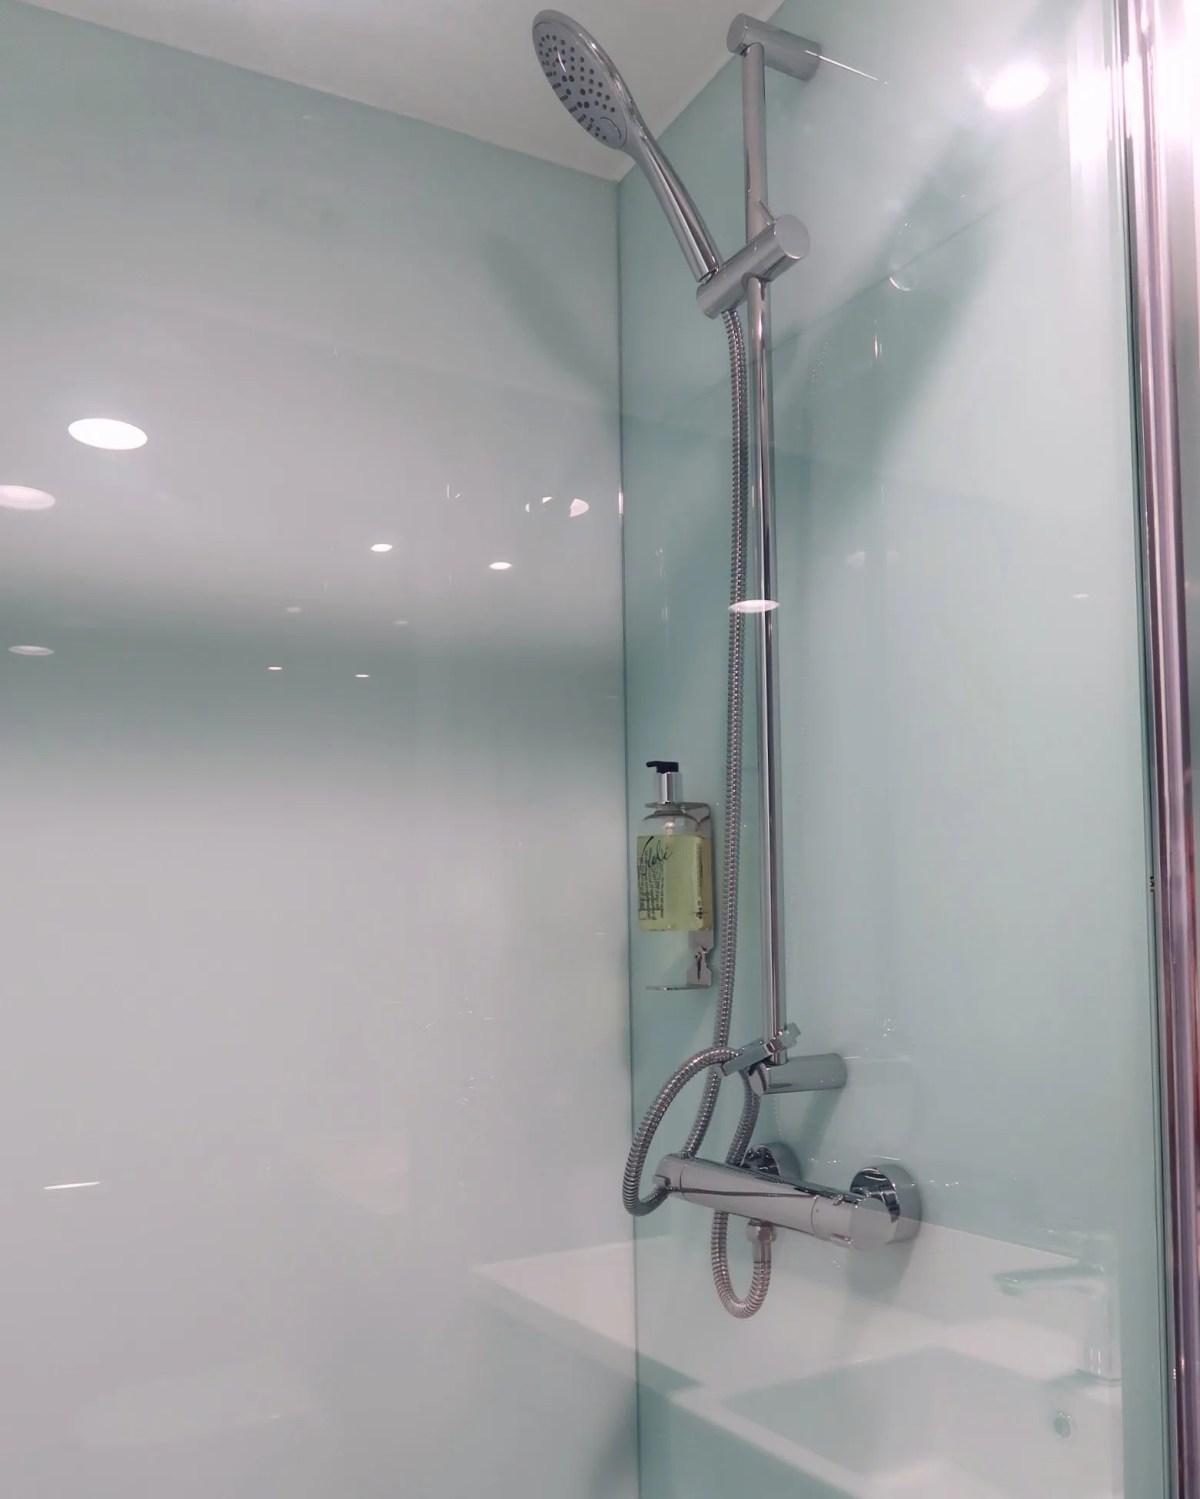 easyHotel Old Street shower CREDIT Minka Guides